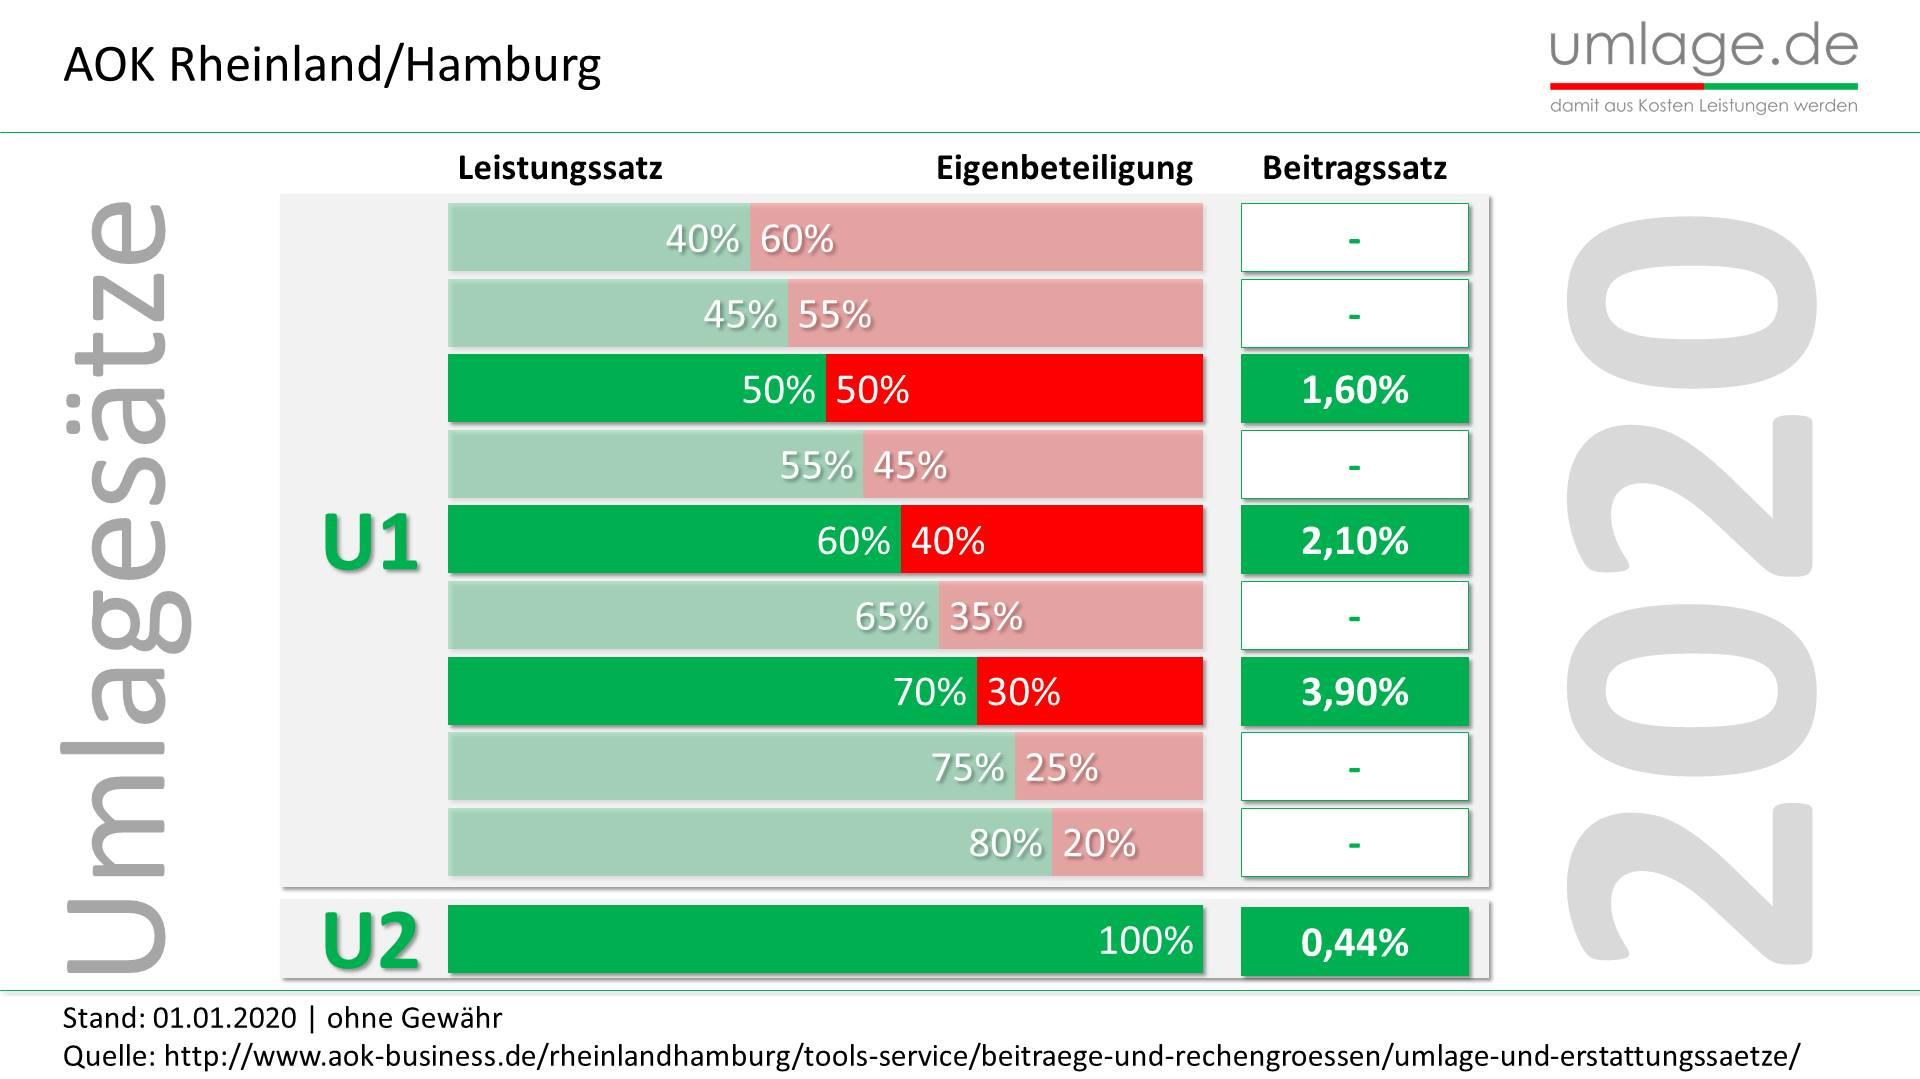 AOK rheinland hamburg Umlagesätze 2020 aktuell